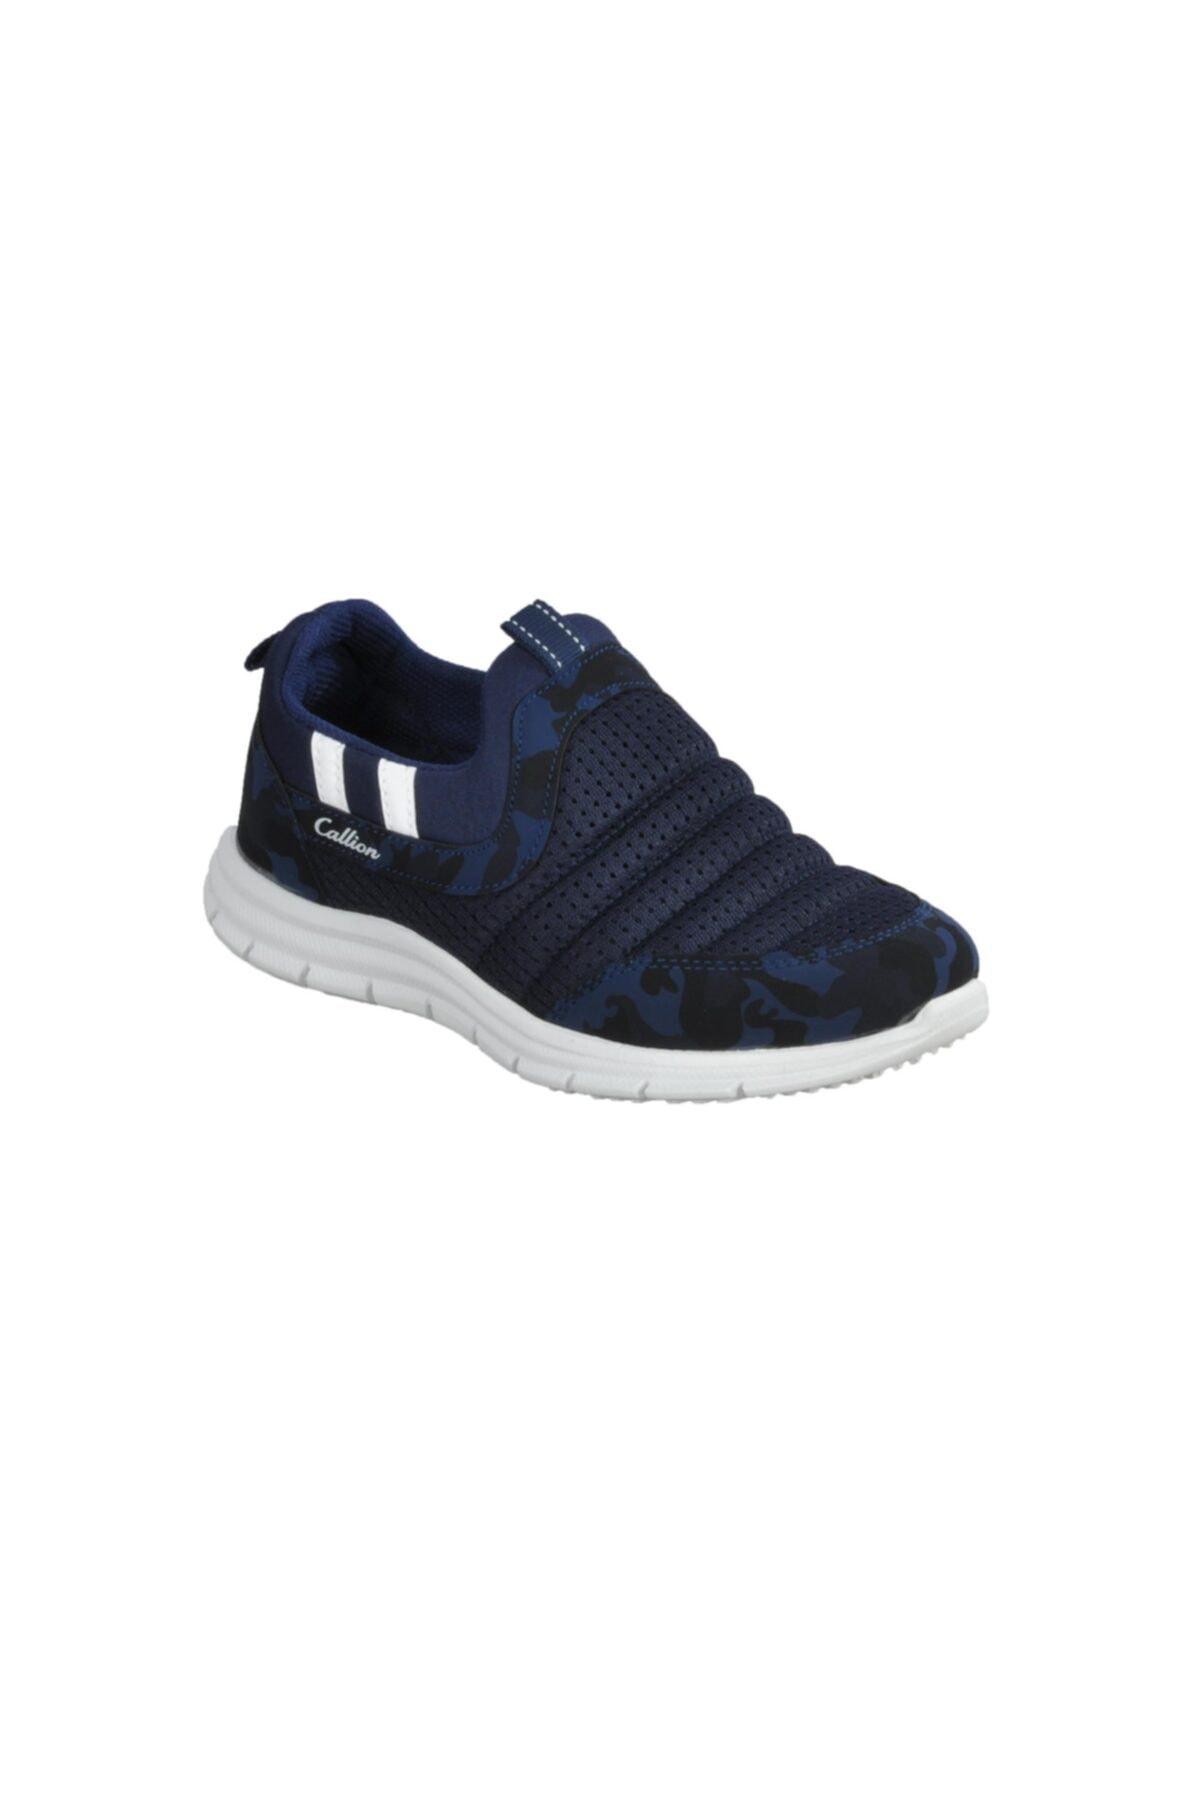 1006 Lacivert-kamuflaj Çocuk Ayakkabı